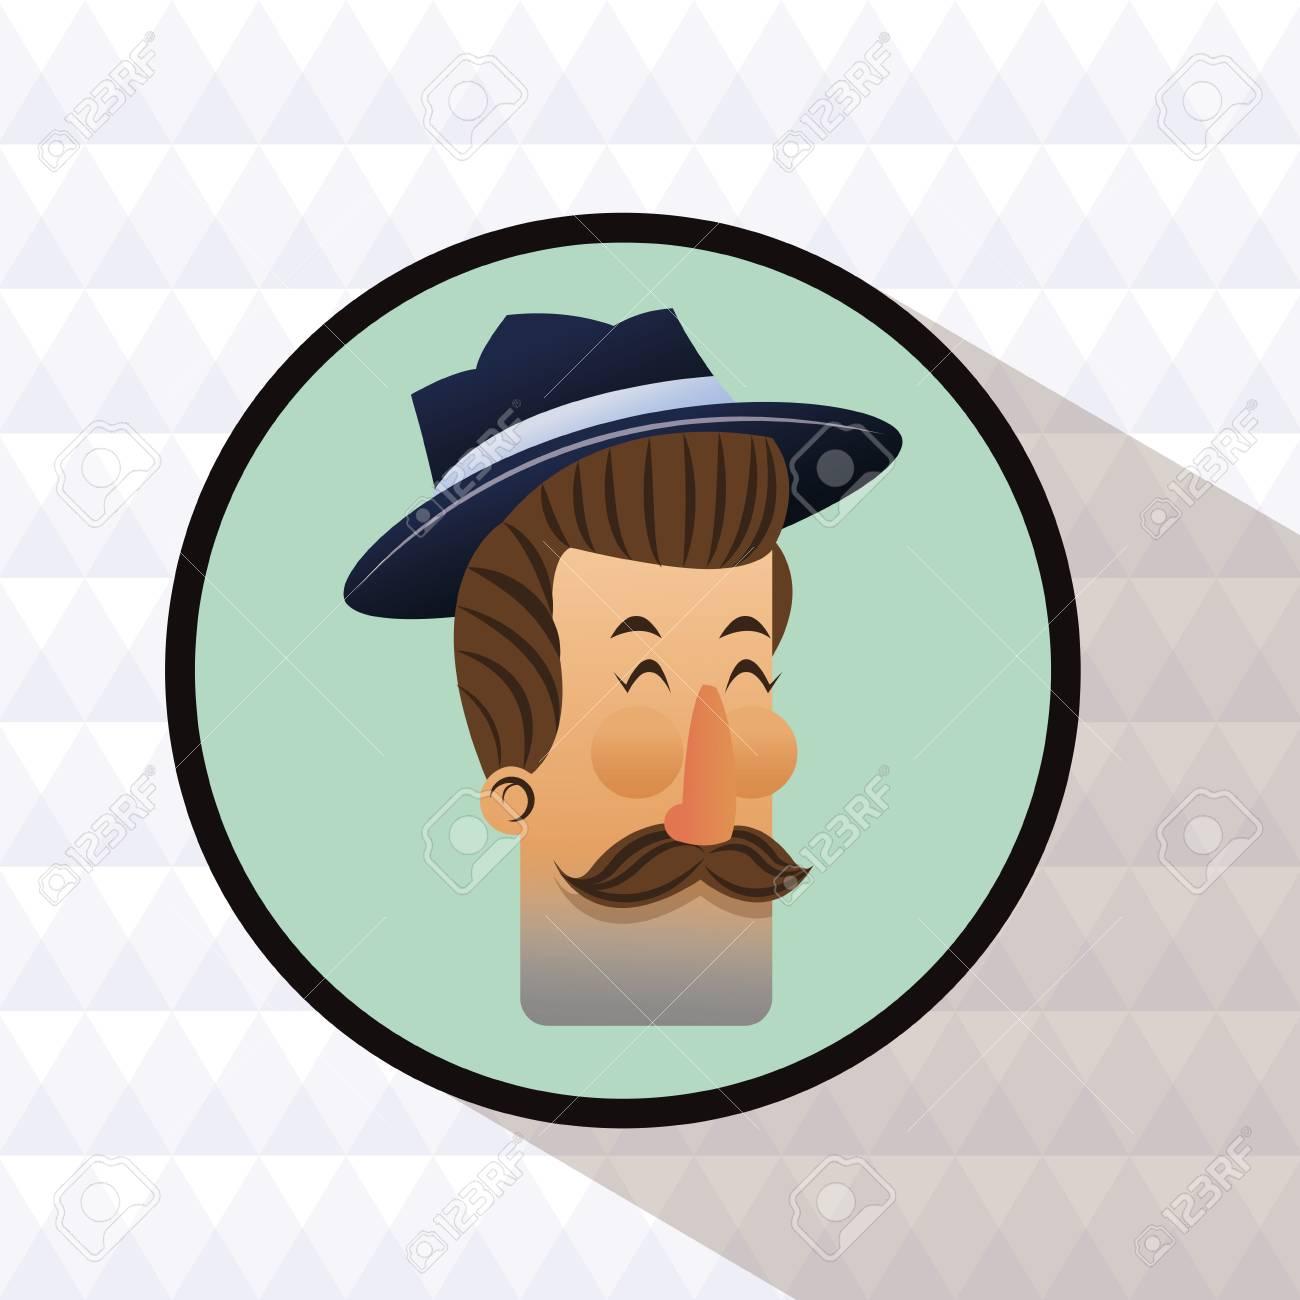 75320ae398f66 Dibujos animados de hombre inconformista con bigote y sombrero dentro del  icono del círculo. Estilo